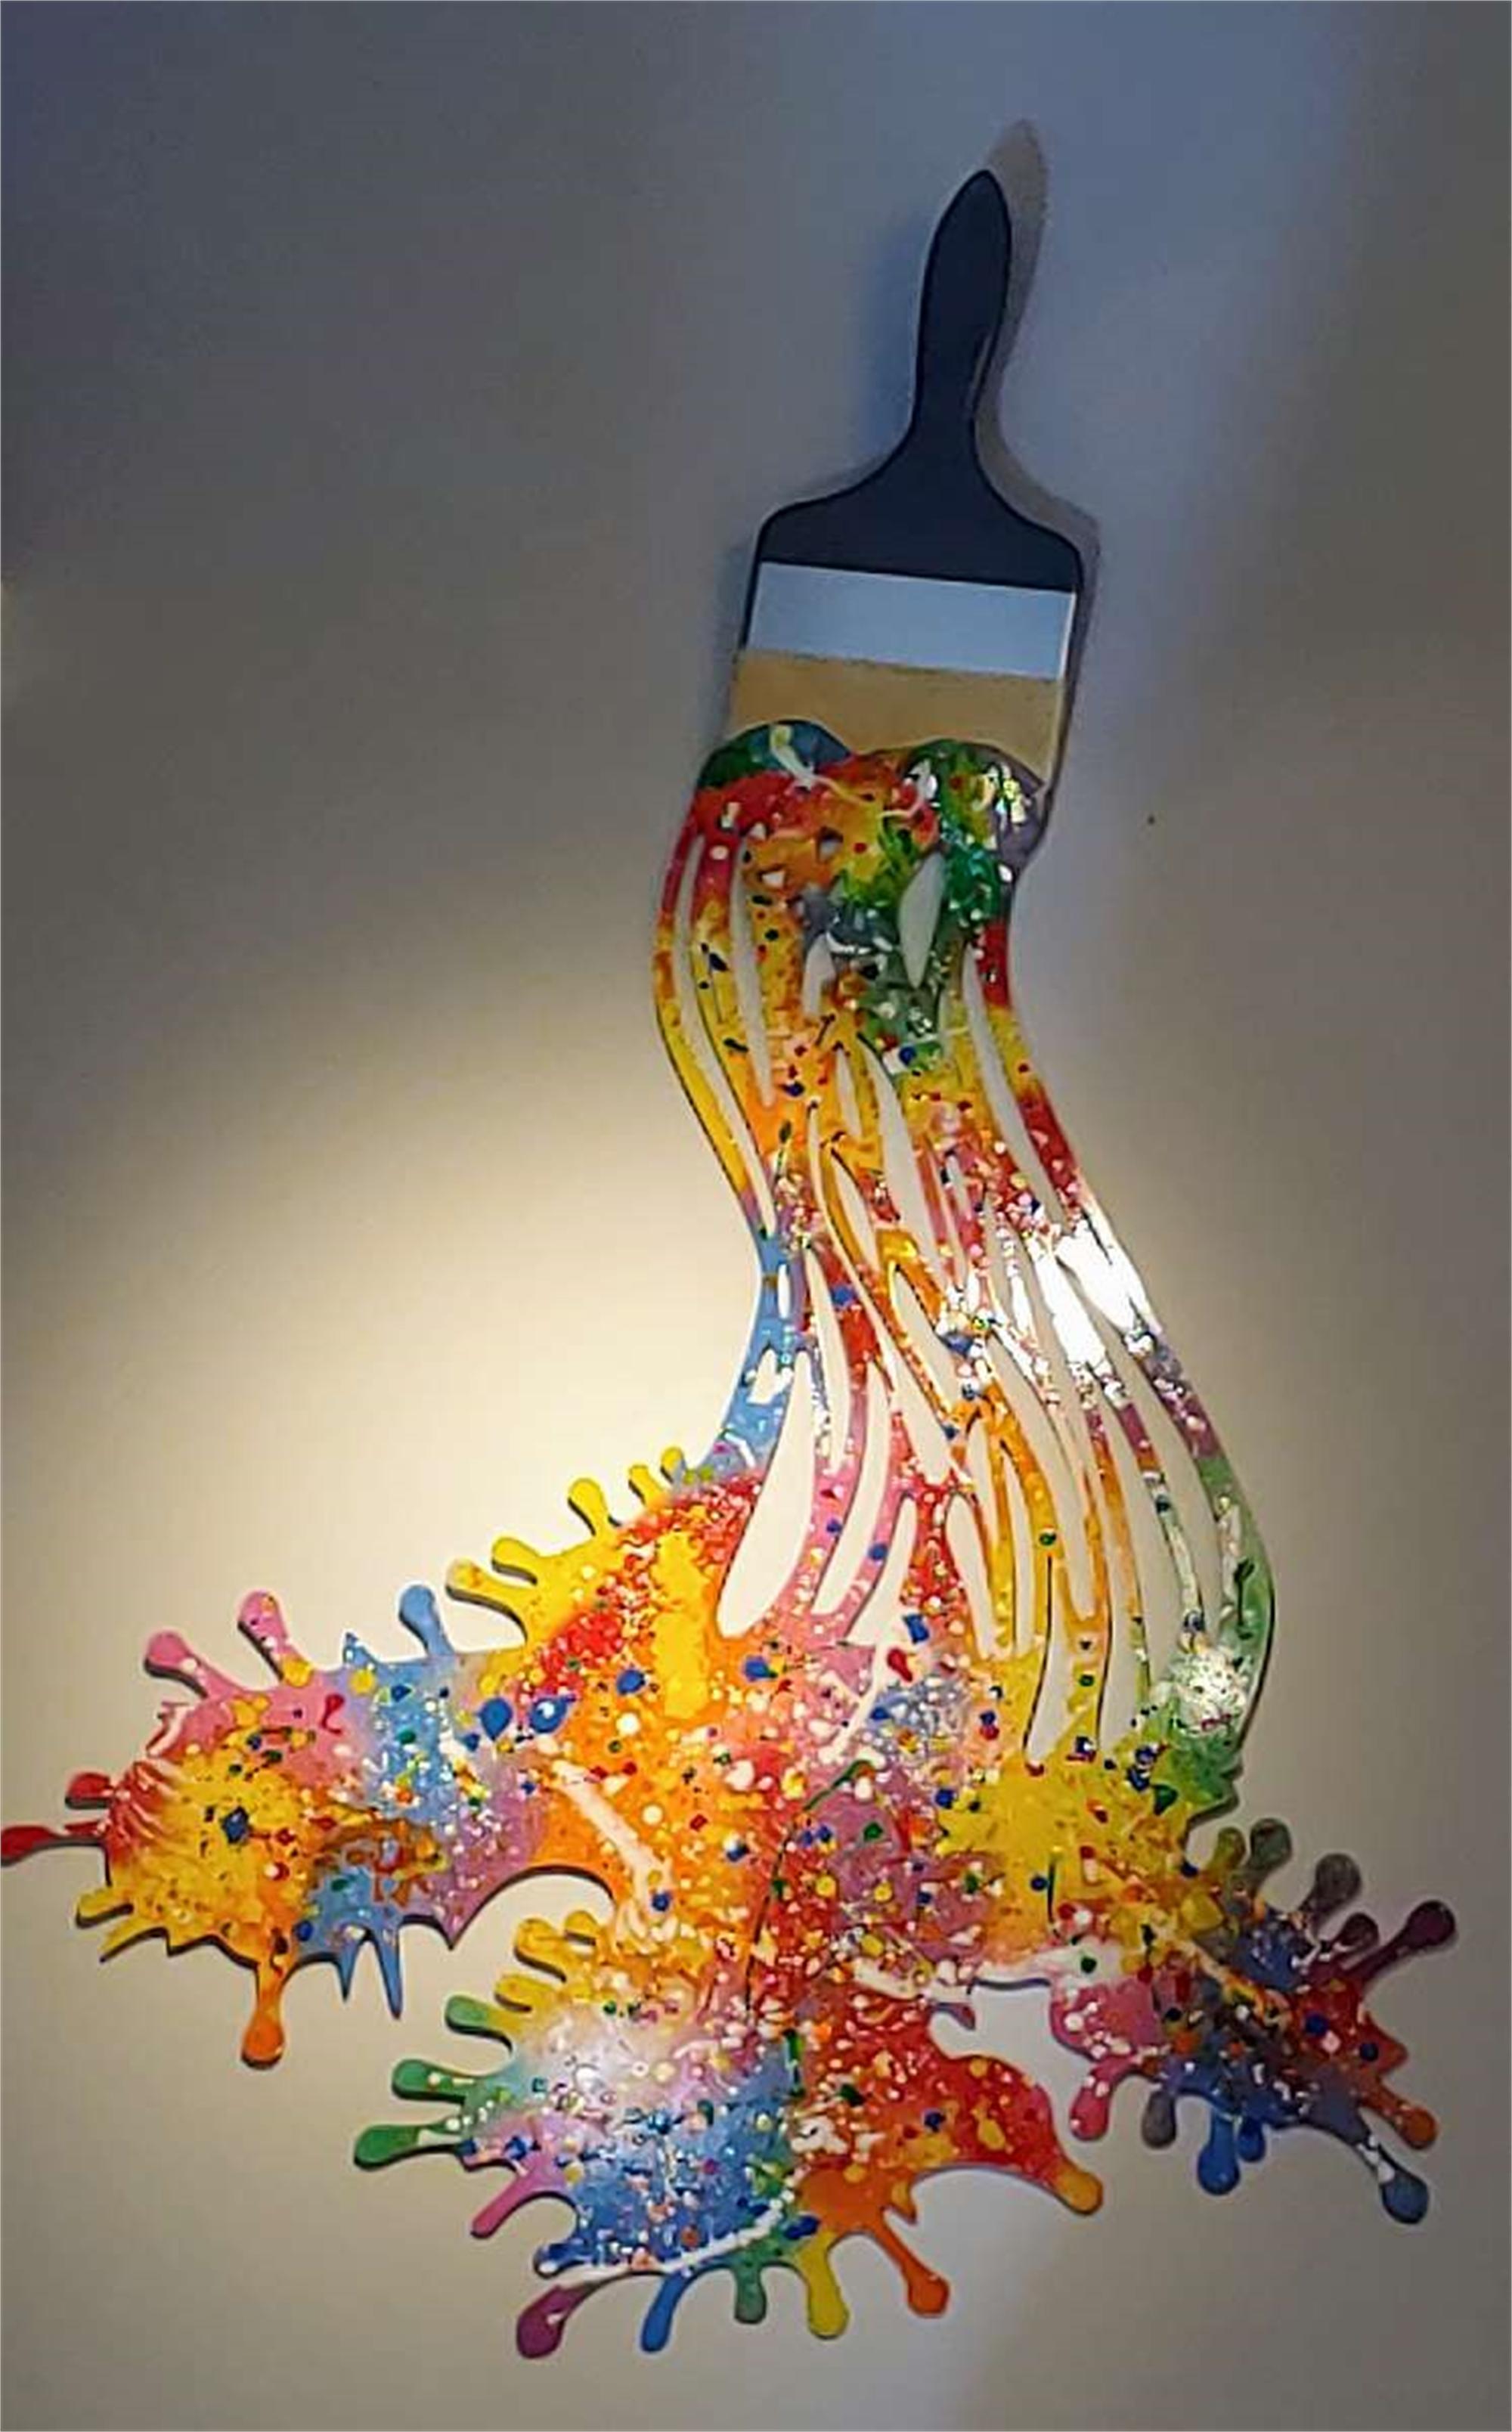 Let's Paint by Efi Mashiah